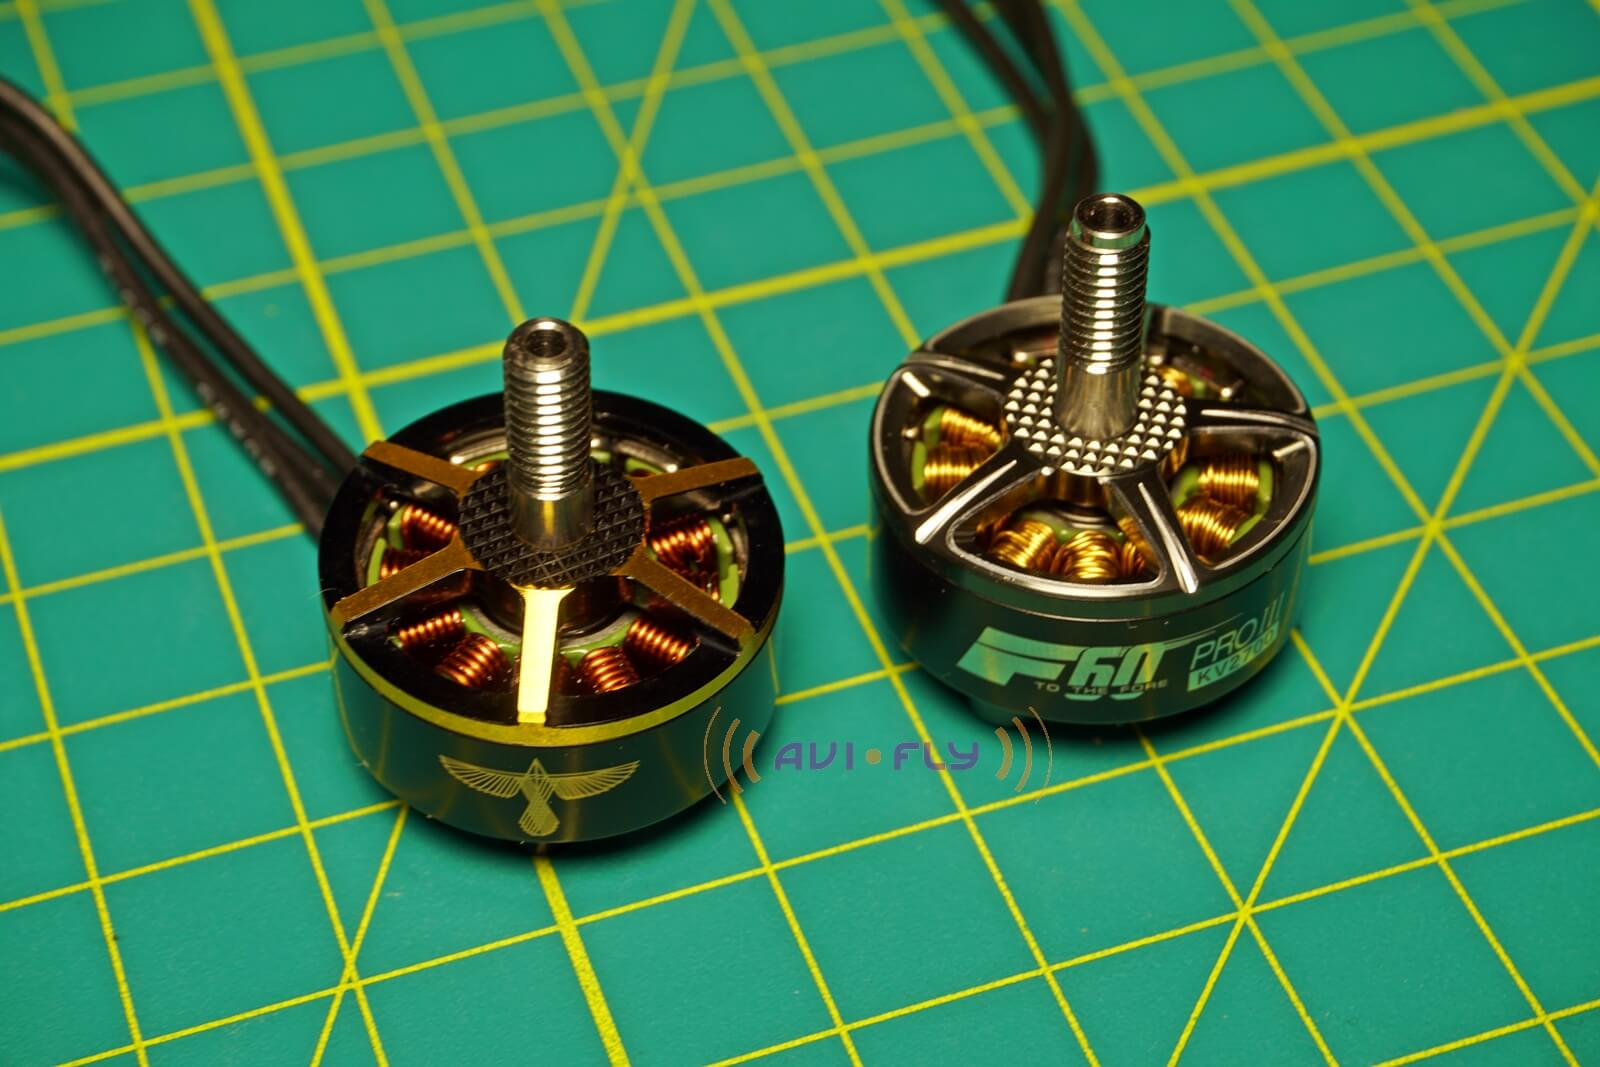 Porównanie silnika F60 PRO III oraz Black Bird z firmy T-Motor